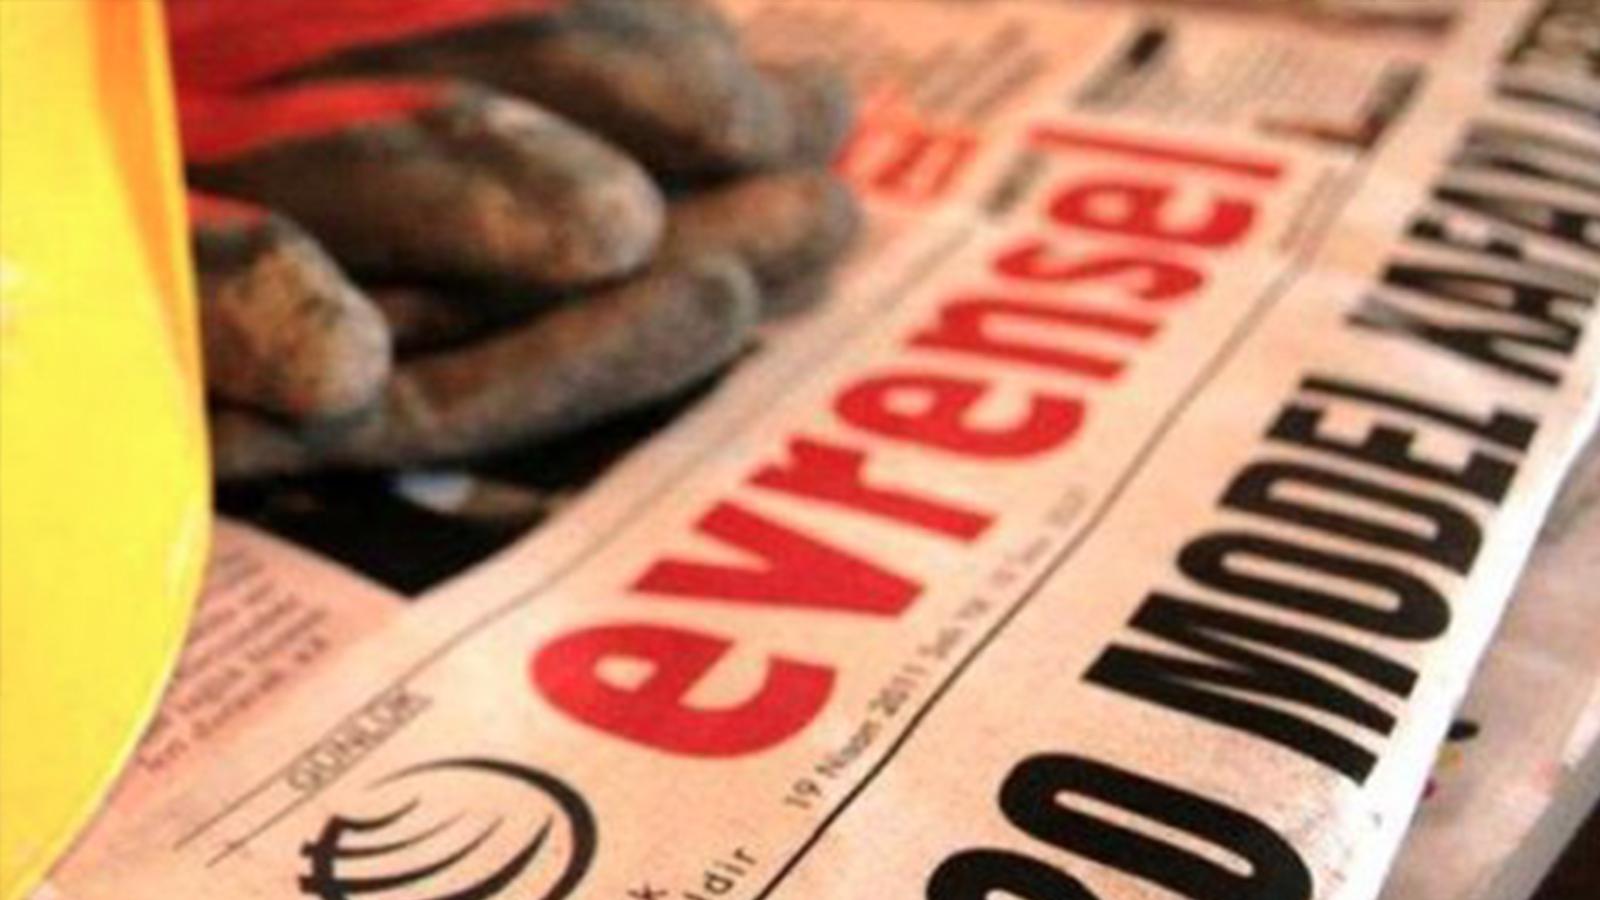 """Evrensel+gazetesi+26+ya%C5%9F%C4%B1nda:+""""Evrensel+bu+bedeli+%C3%B6der,+sen+oku+yeter"""""""